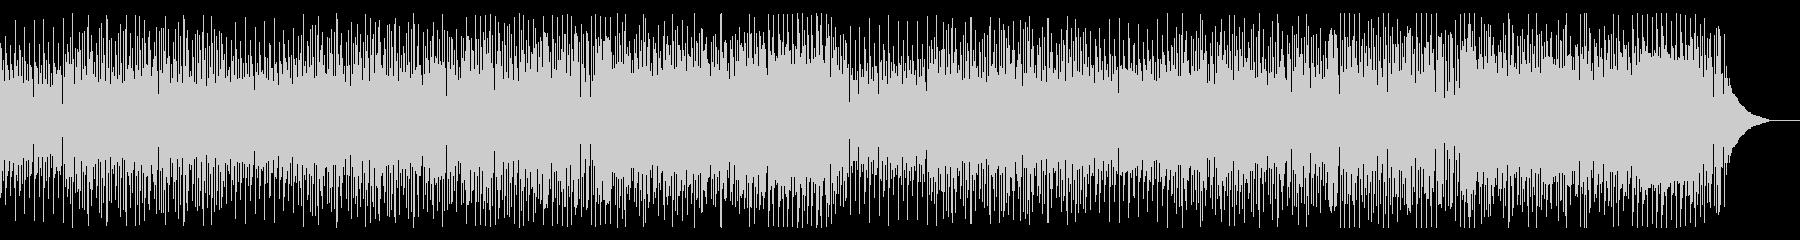 いたずらおばけ、コミカルなハロウィン曲の未再生の波形